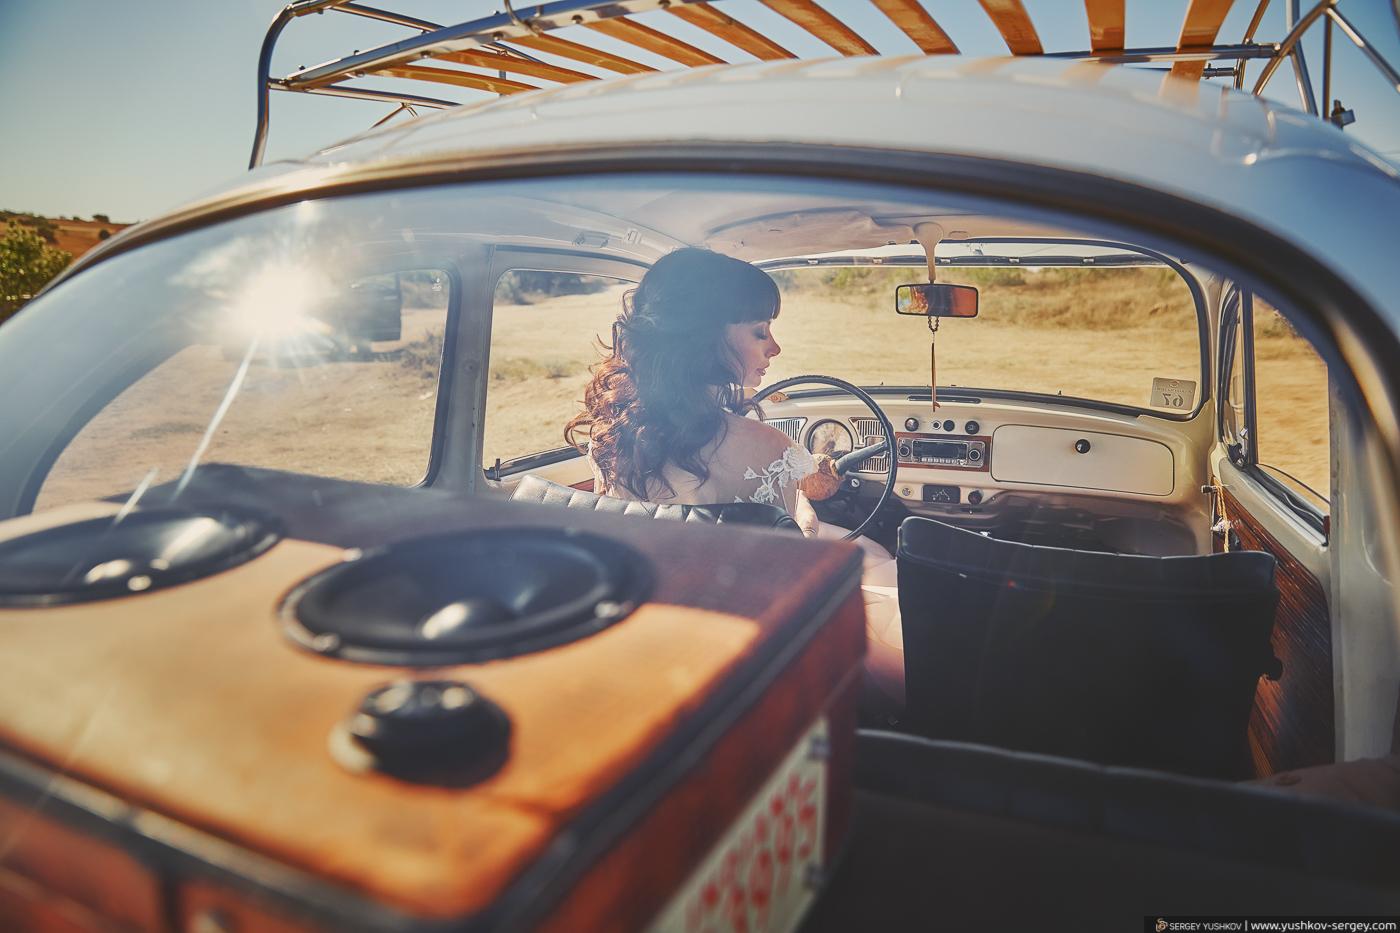 Свадебная фотосессия на мысе Фиолент с белым автомобилем Жук. Севастополь, Крым. Фотограф в Крыму - Сергей Юшков.